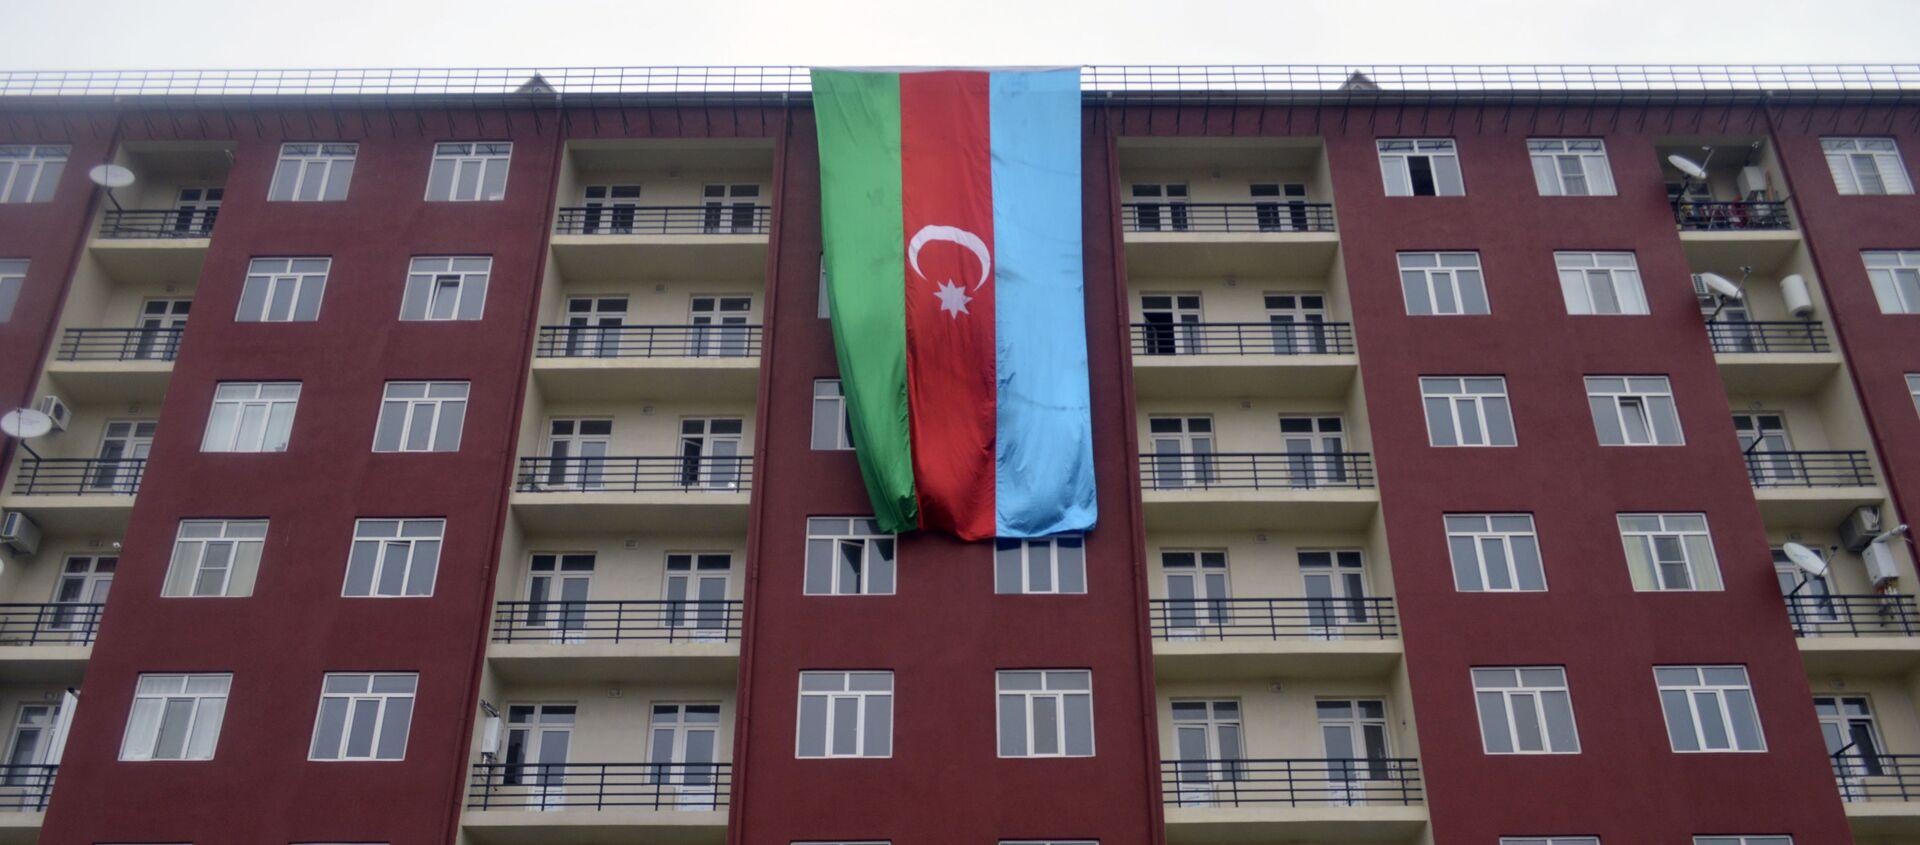 Lənkəranda mənzillər - Sputnik Азербайджан, 1920, 26.01.2021